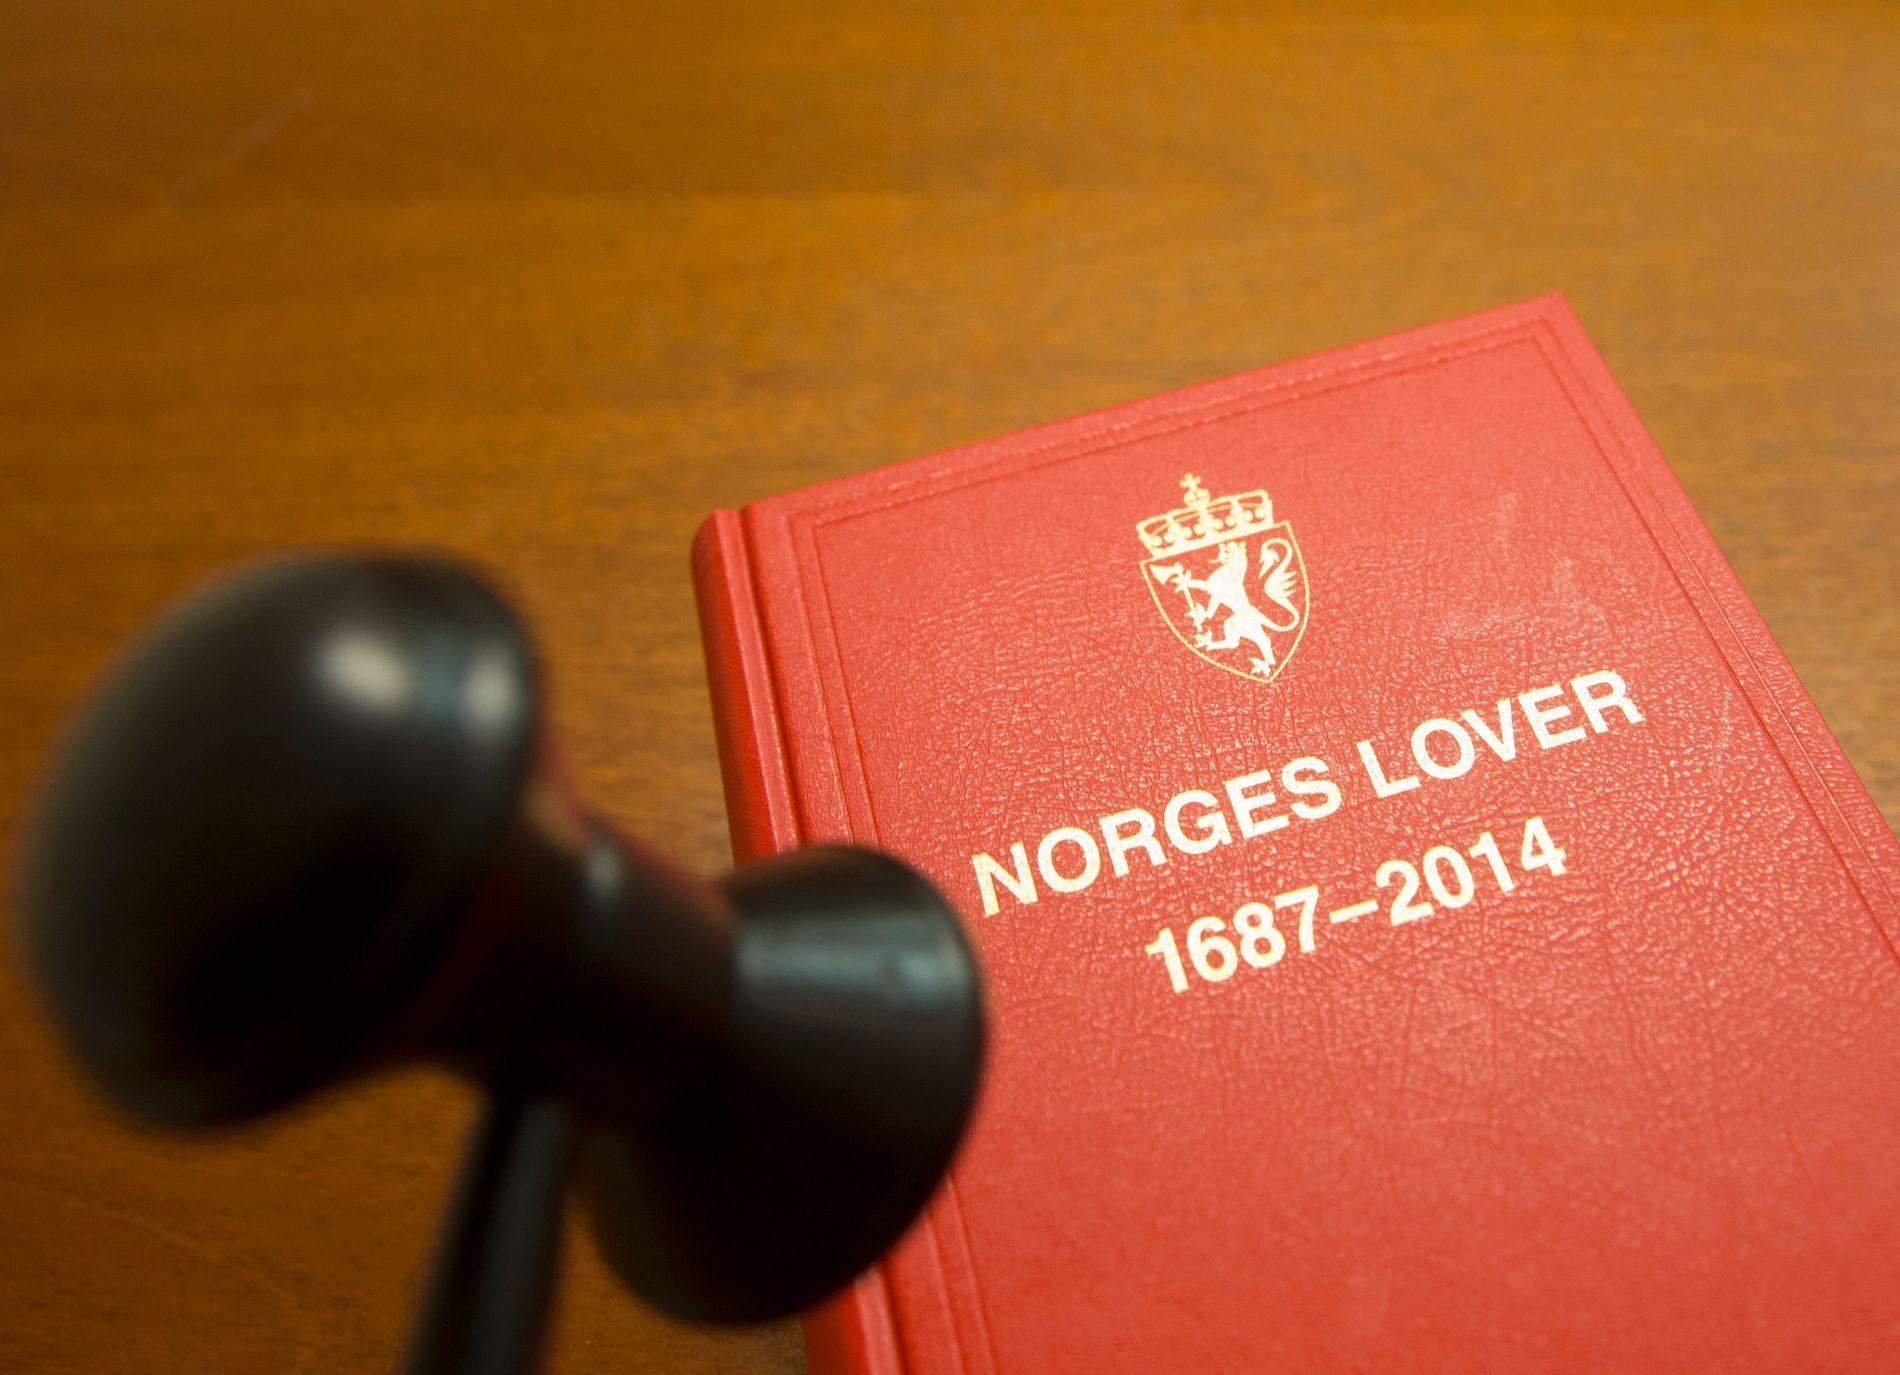 REAGERER PÅ UTSETTELSEN: Drapssaken i Bergen tingrett ble utsatt i siste liten fordi statsadvokaten vurderer ytterligere etterforskningsskritt.